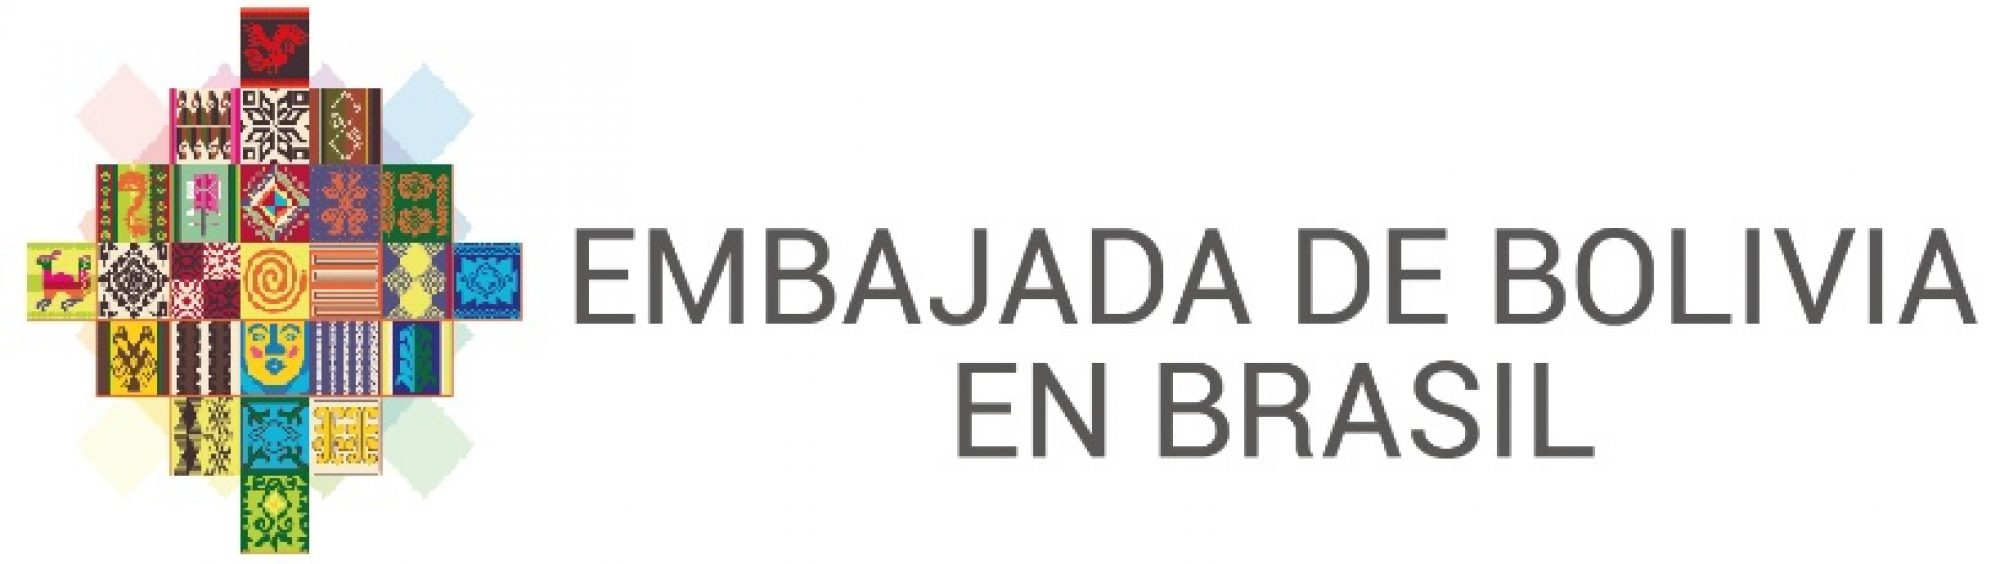 Embajada de Bolivia en Brasil